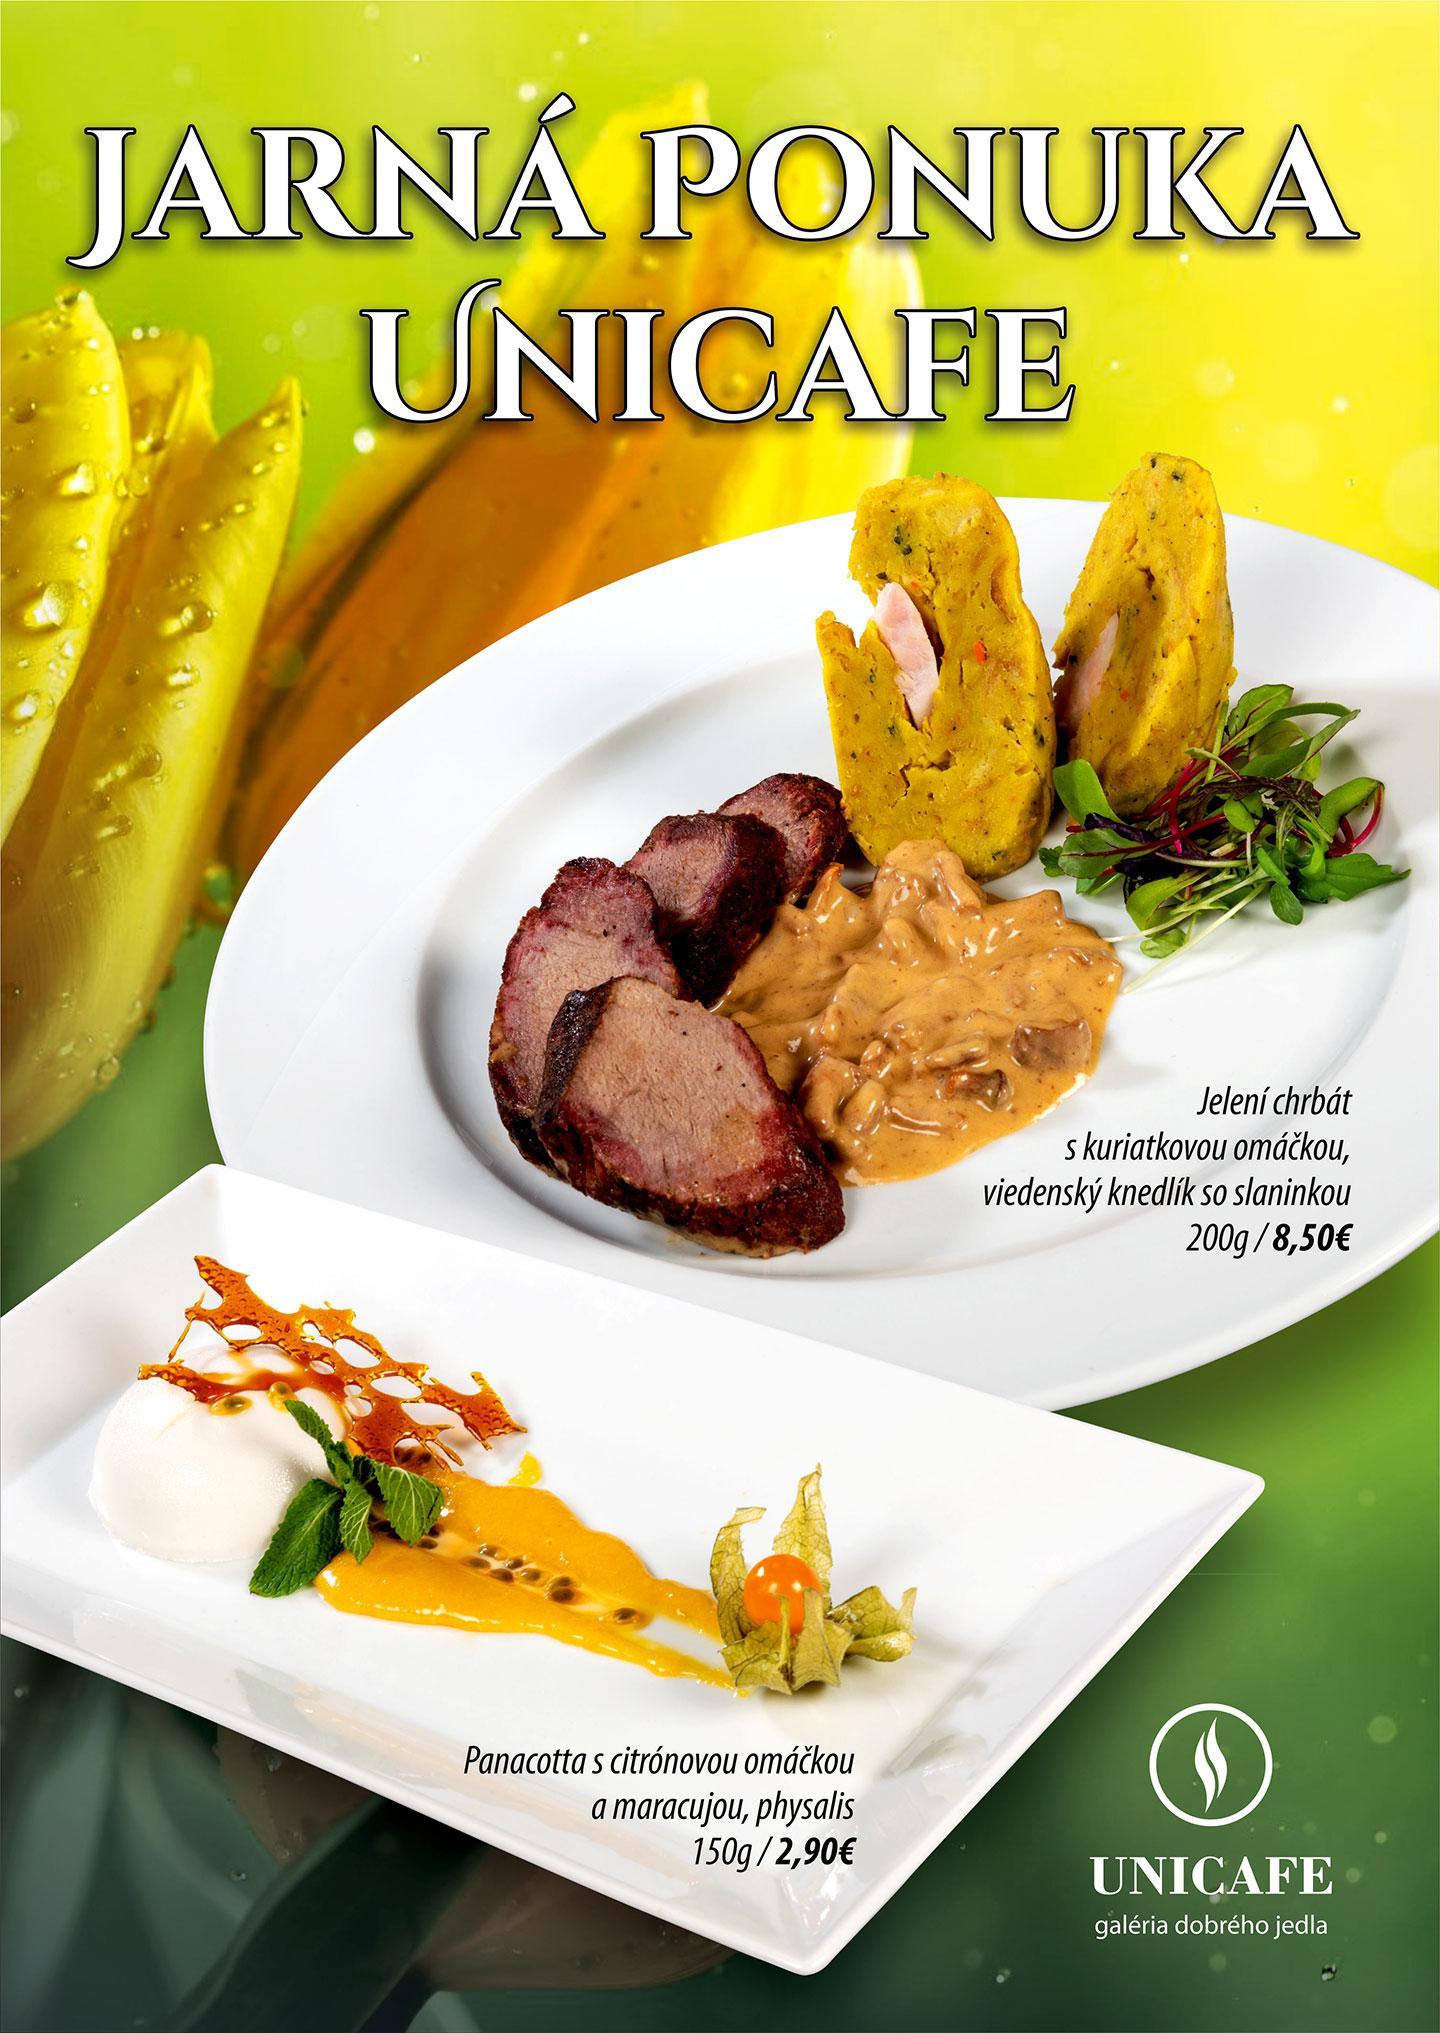 Jarná ponuka UNICAFE